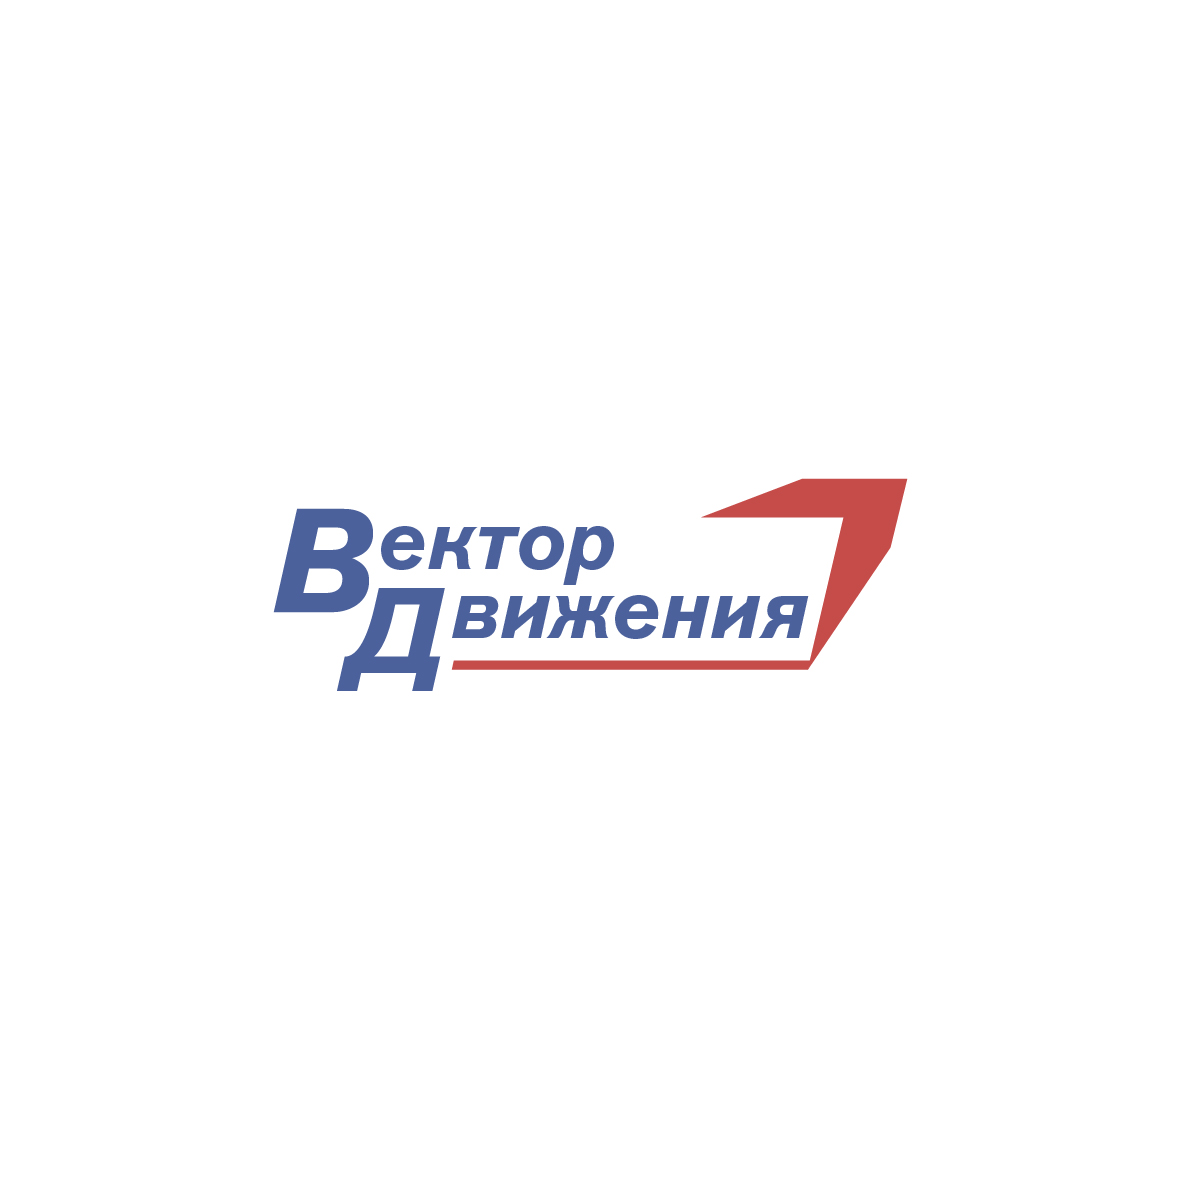 Разработка логотипа фото f_5005c2a4a4f7b759.jpg